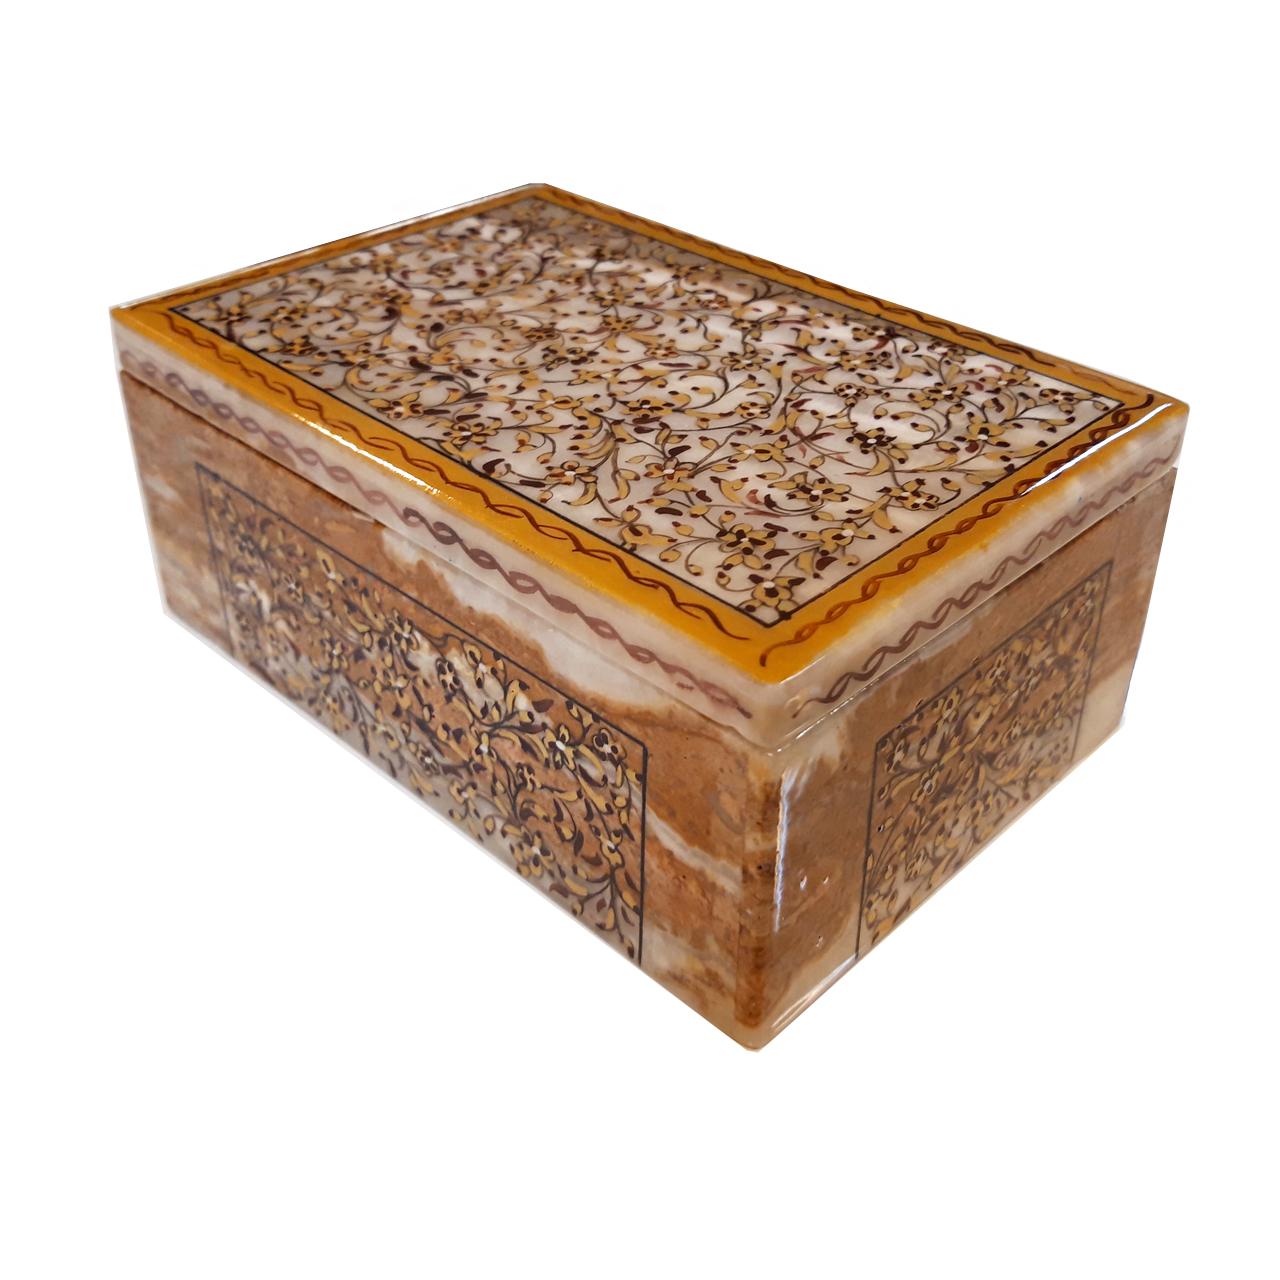 جعبه سنگ مرمر طرح گل ریز مدل 3001510-2